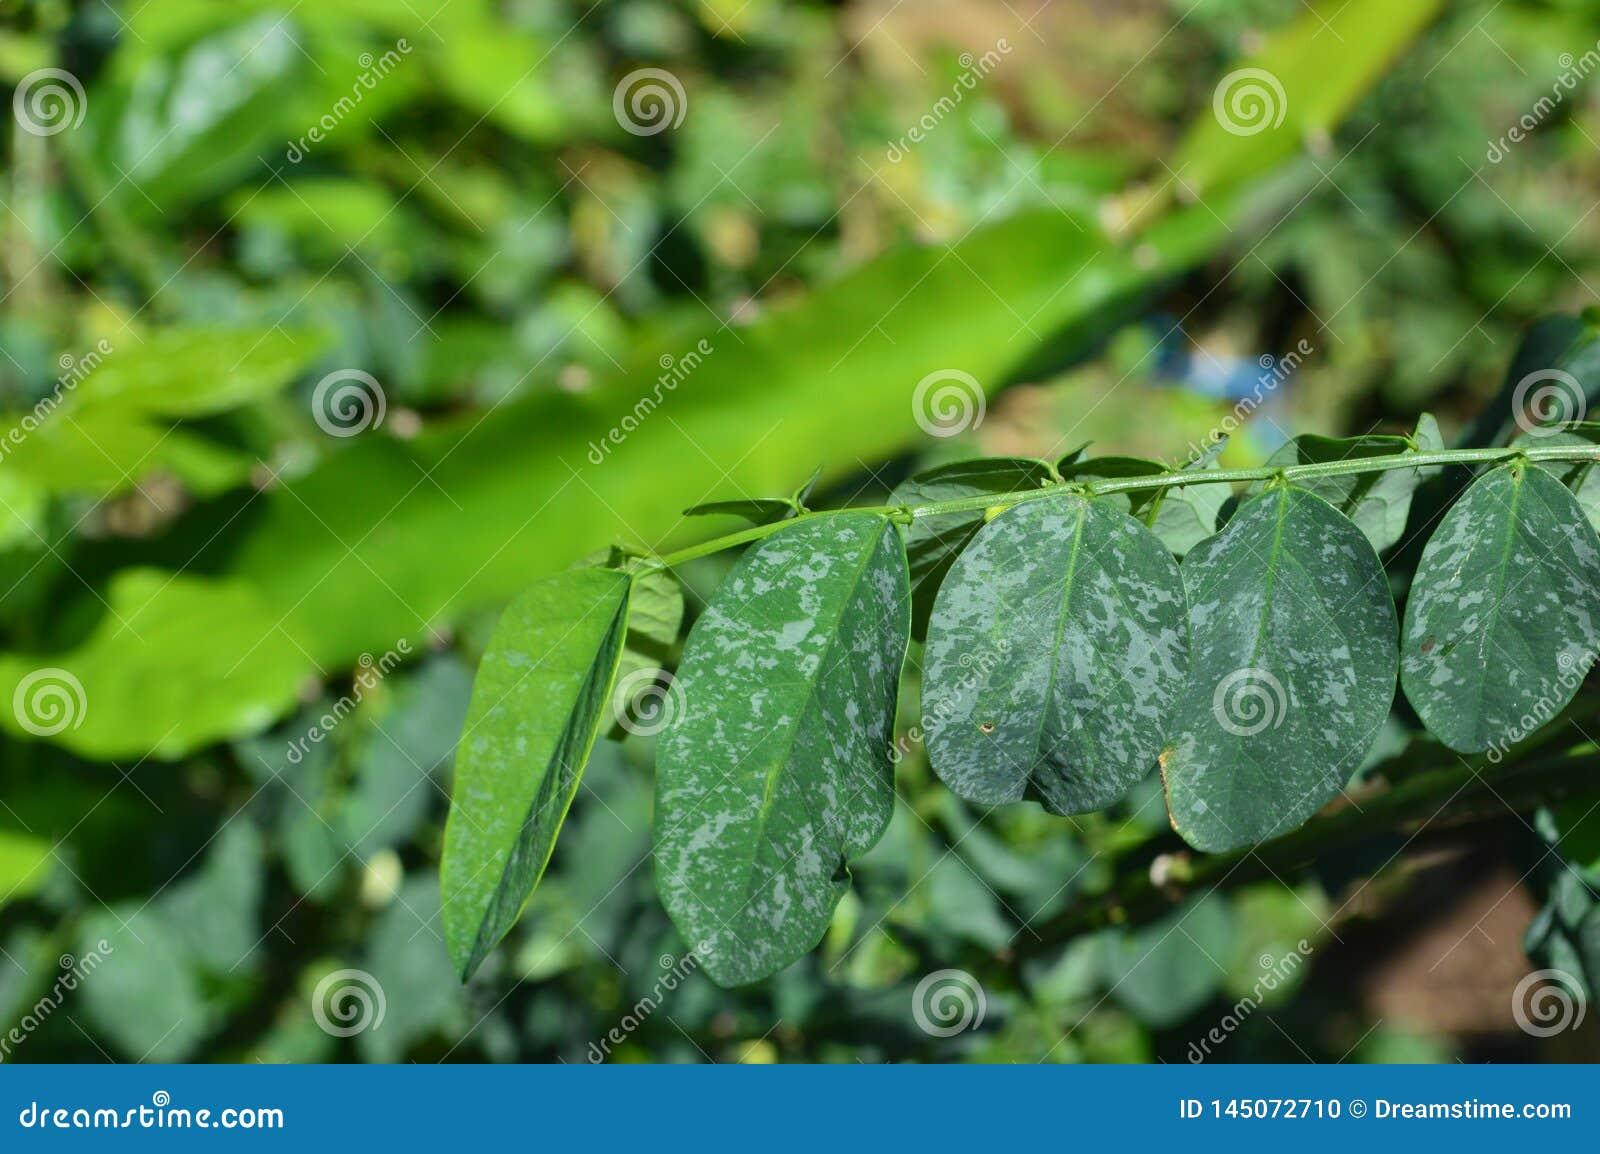 Tekstura i fotografie zieleni liście w tropikalnym klimacie